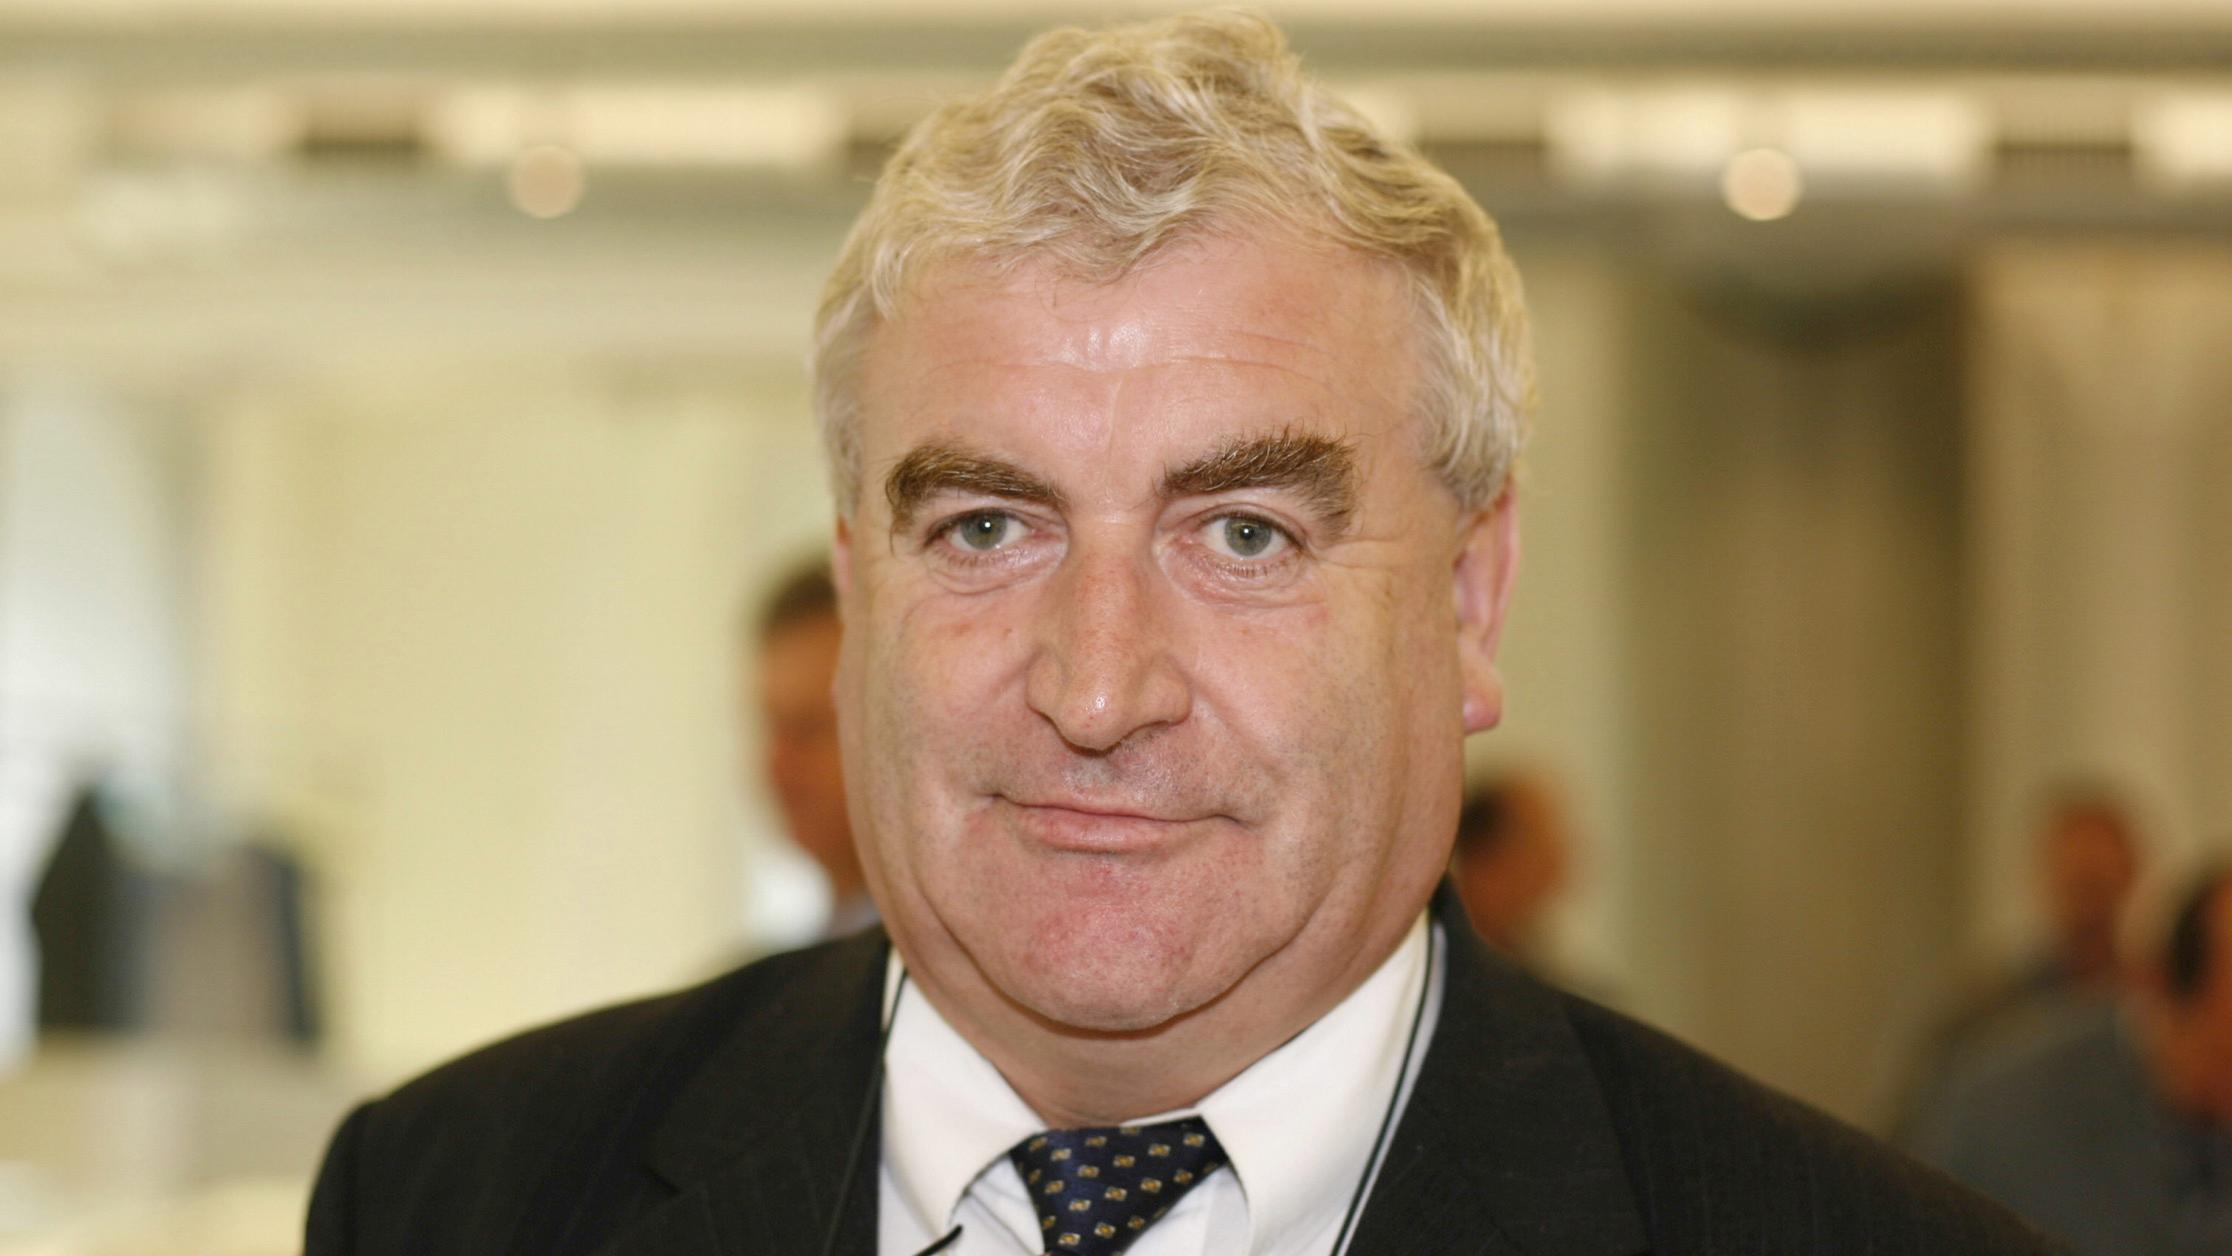 Marc D'Haene arrêtera sa carrière politique après les élections